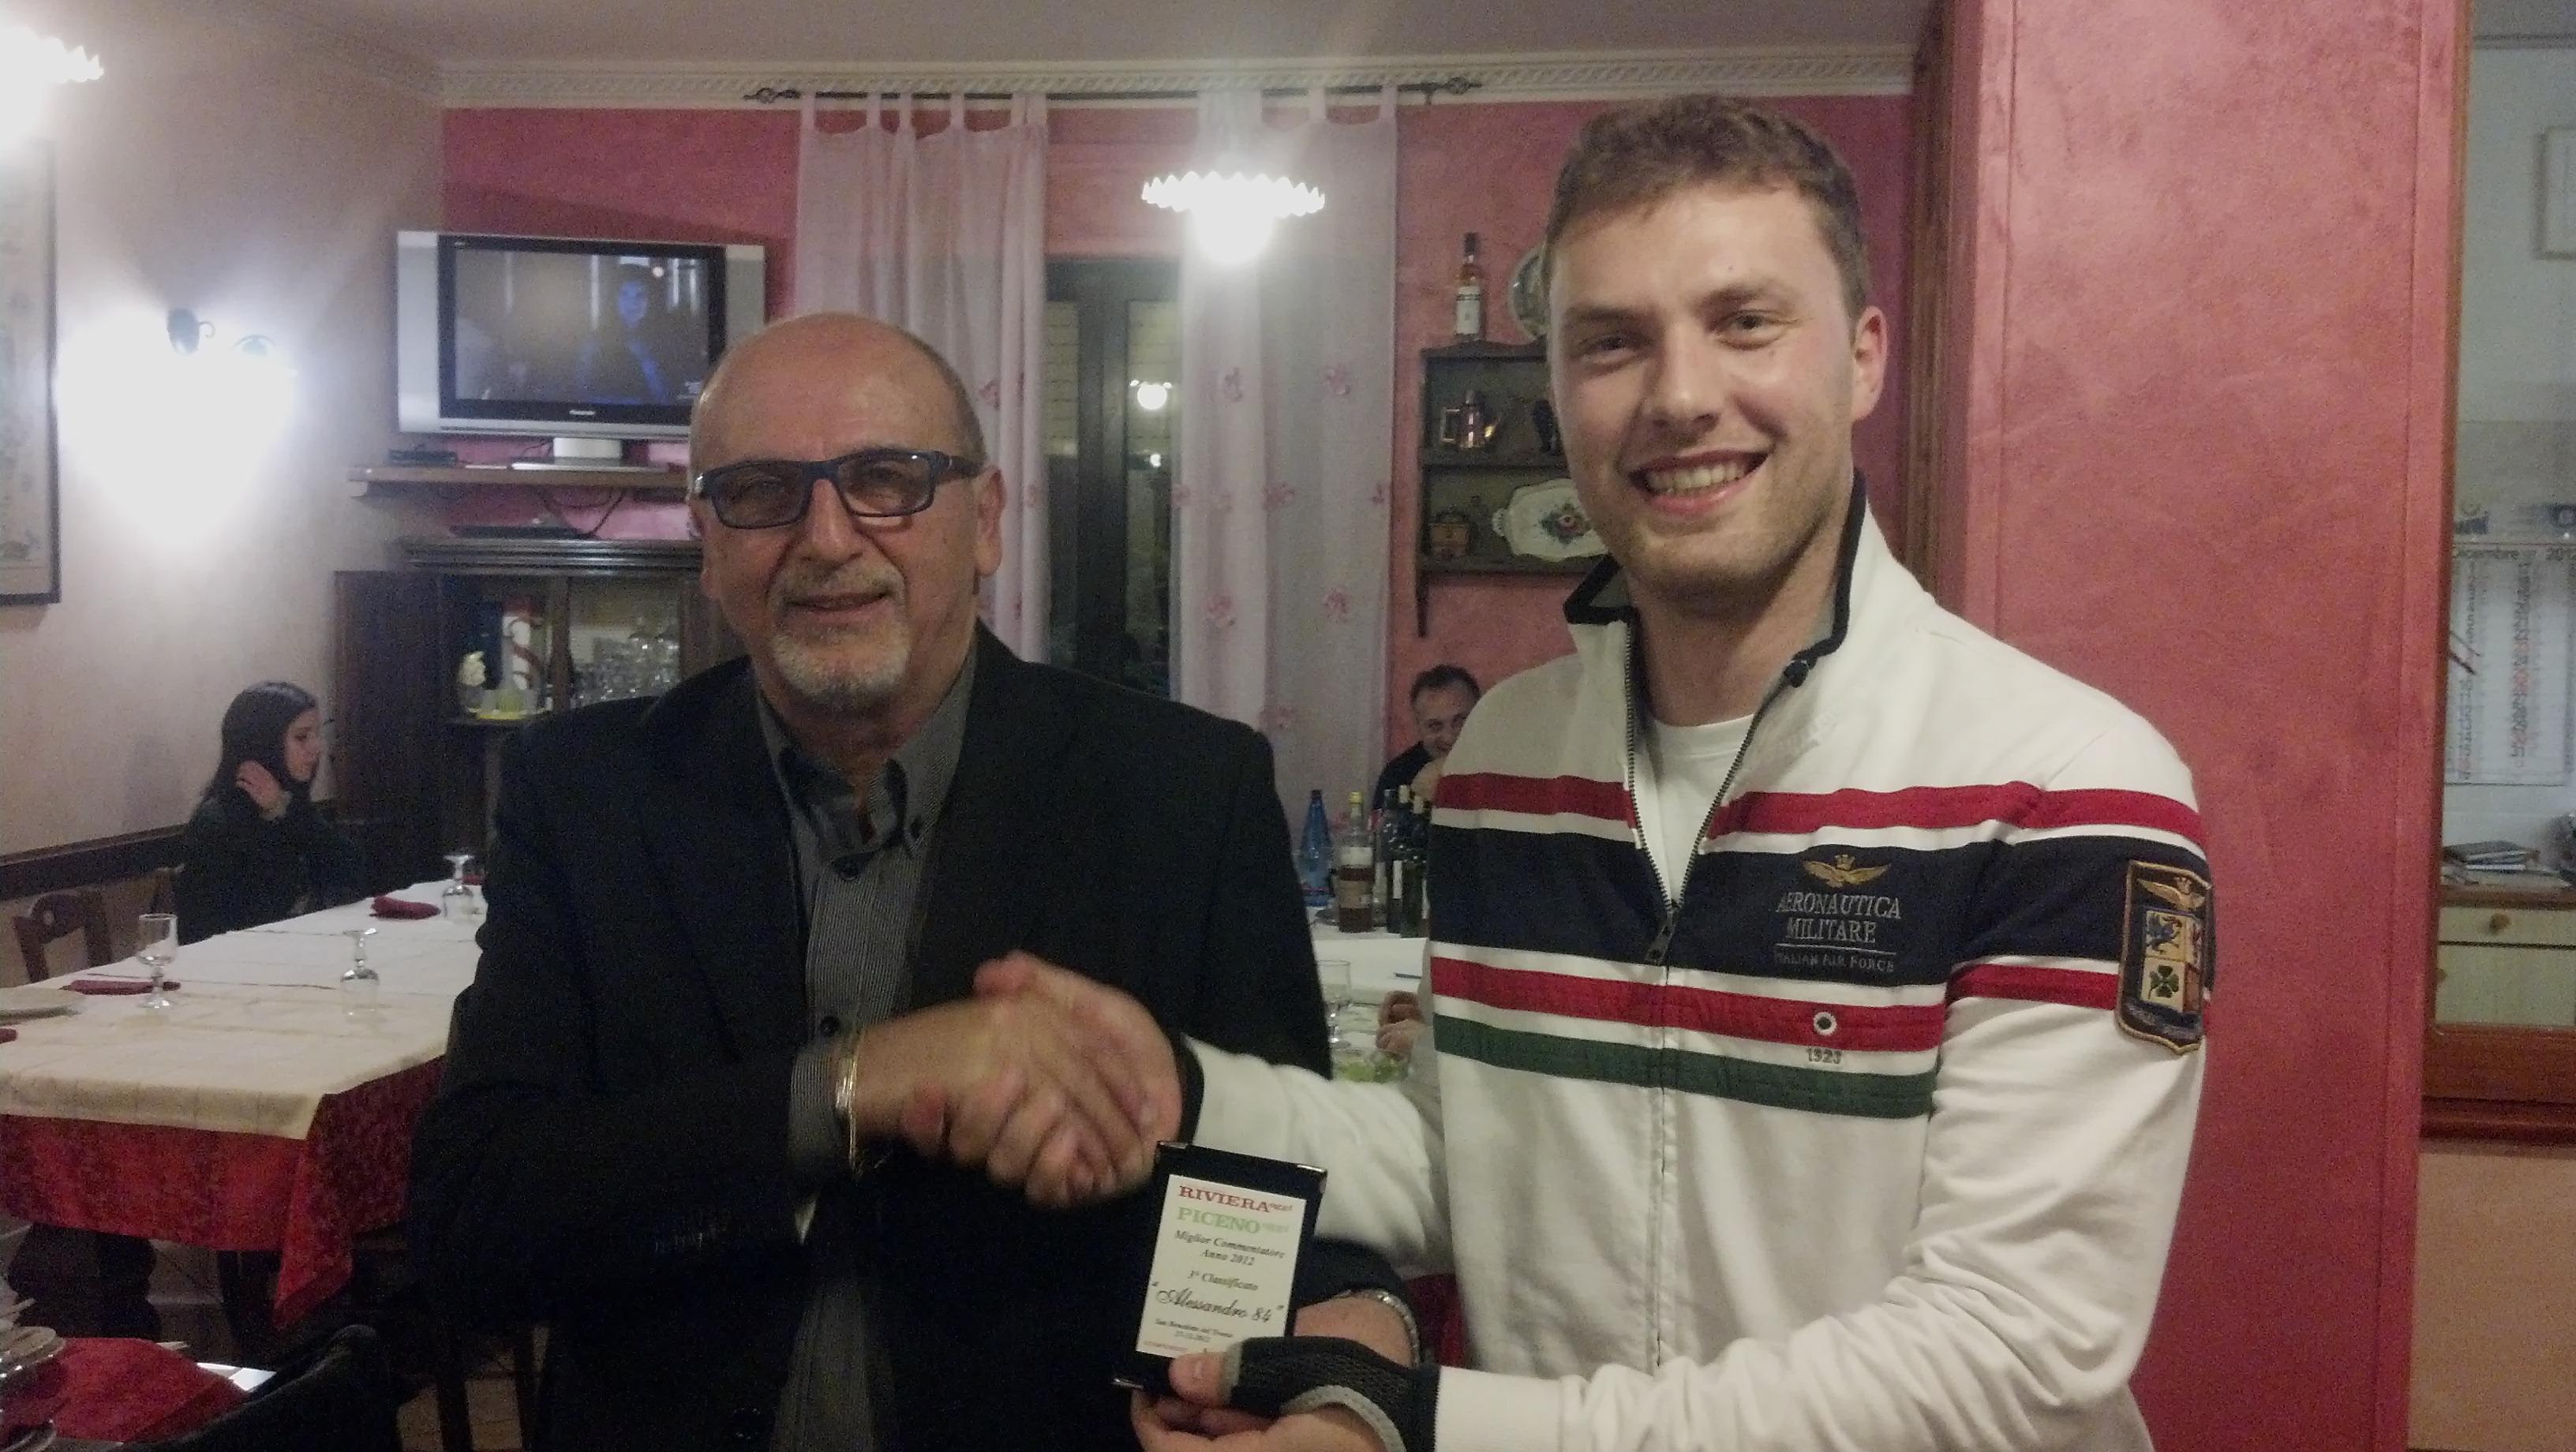 Cena di fine anno per i lettori e la redazione di Riviera Oggi da Nonna Peppa, Nazzareno Perotti premia Alessandro Palestini